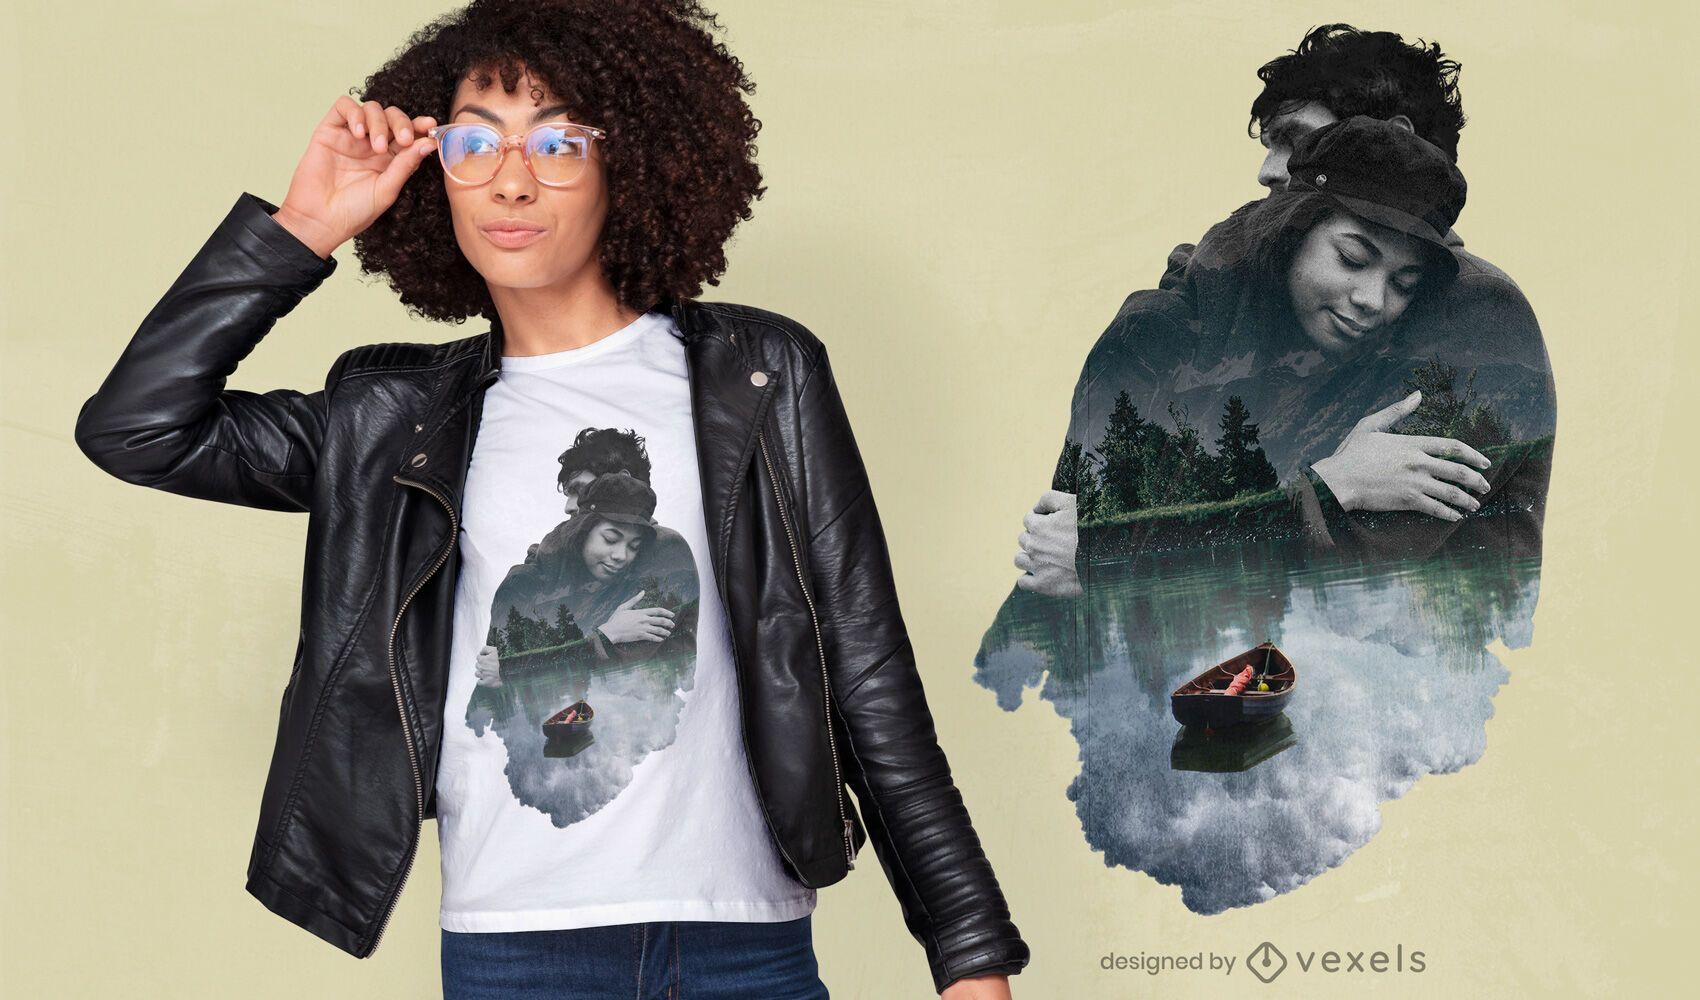 Paar umarmt Doppelbelichtung PSD-T-Shirt-Design